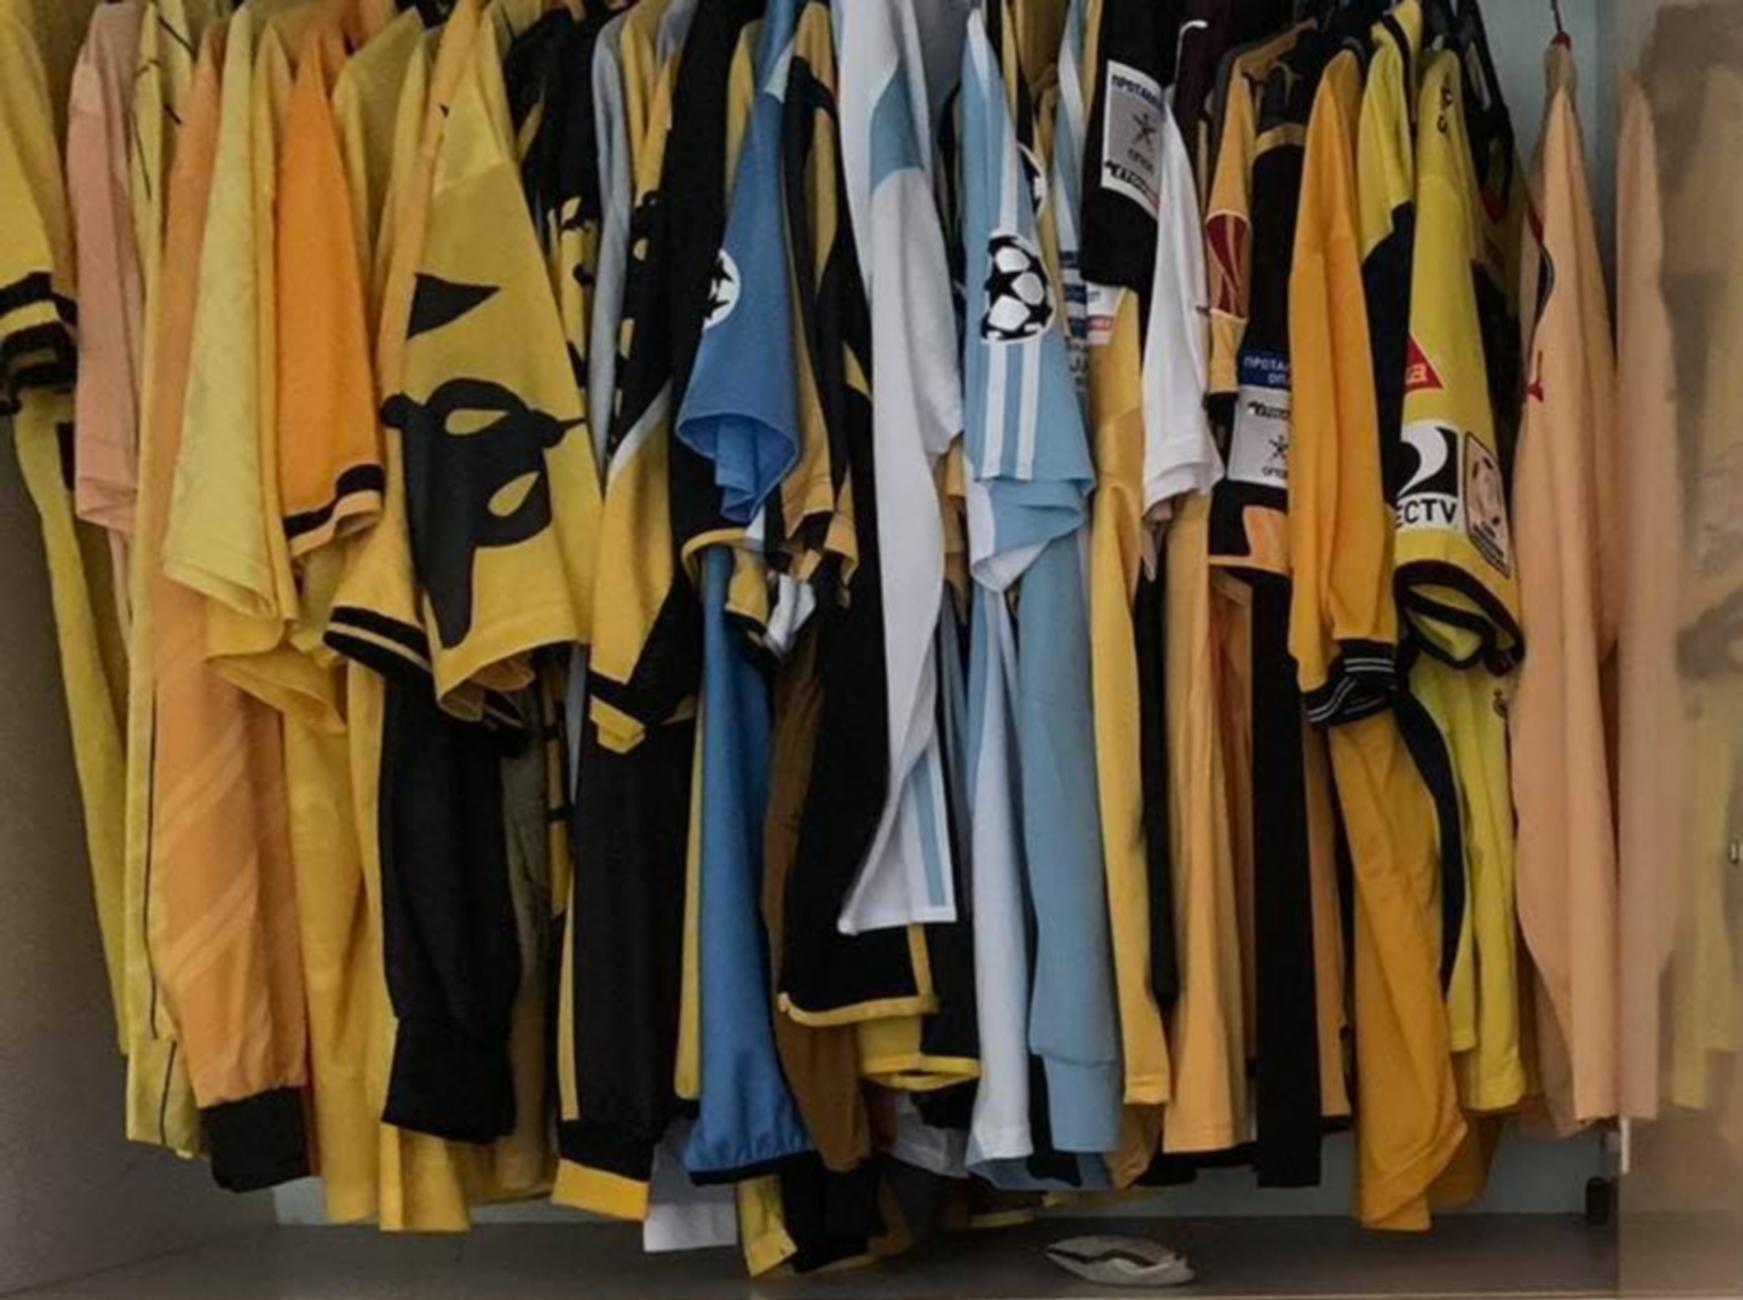 Γήπεδο ΑΕΚ: Έτοιμες για το μουσείο οι φανέλες της ομάδας